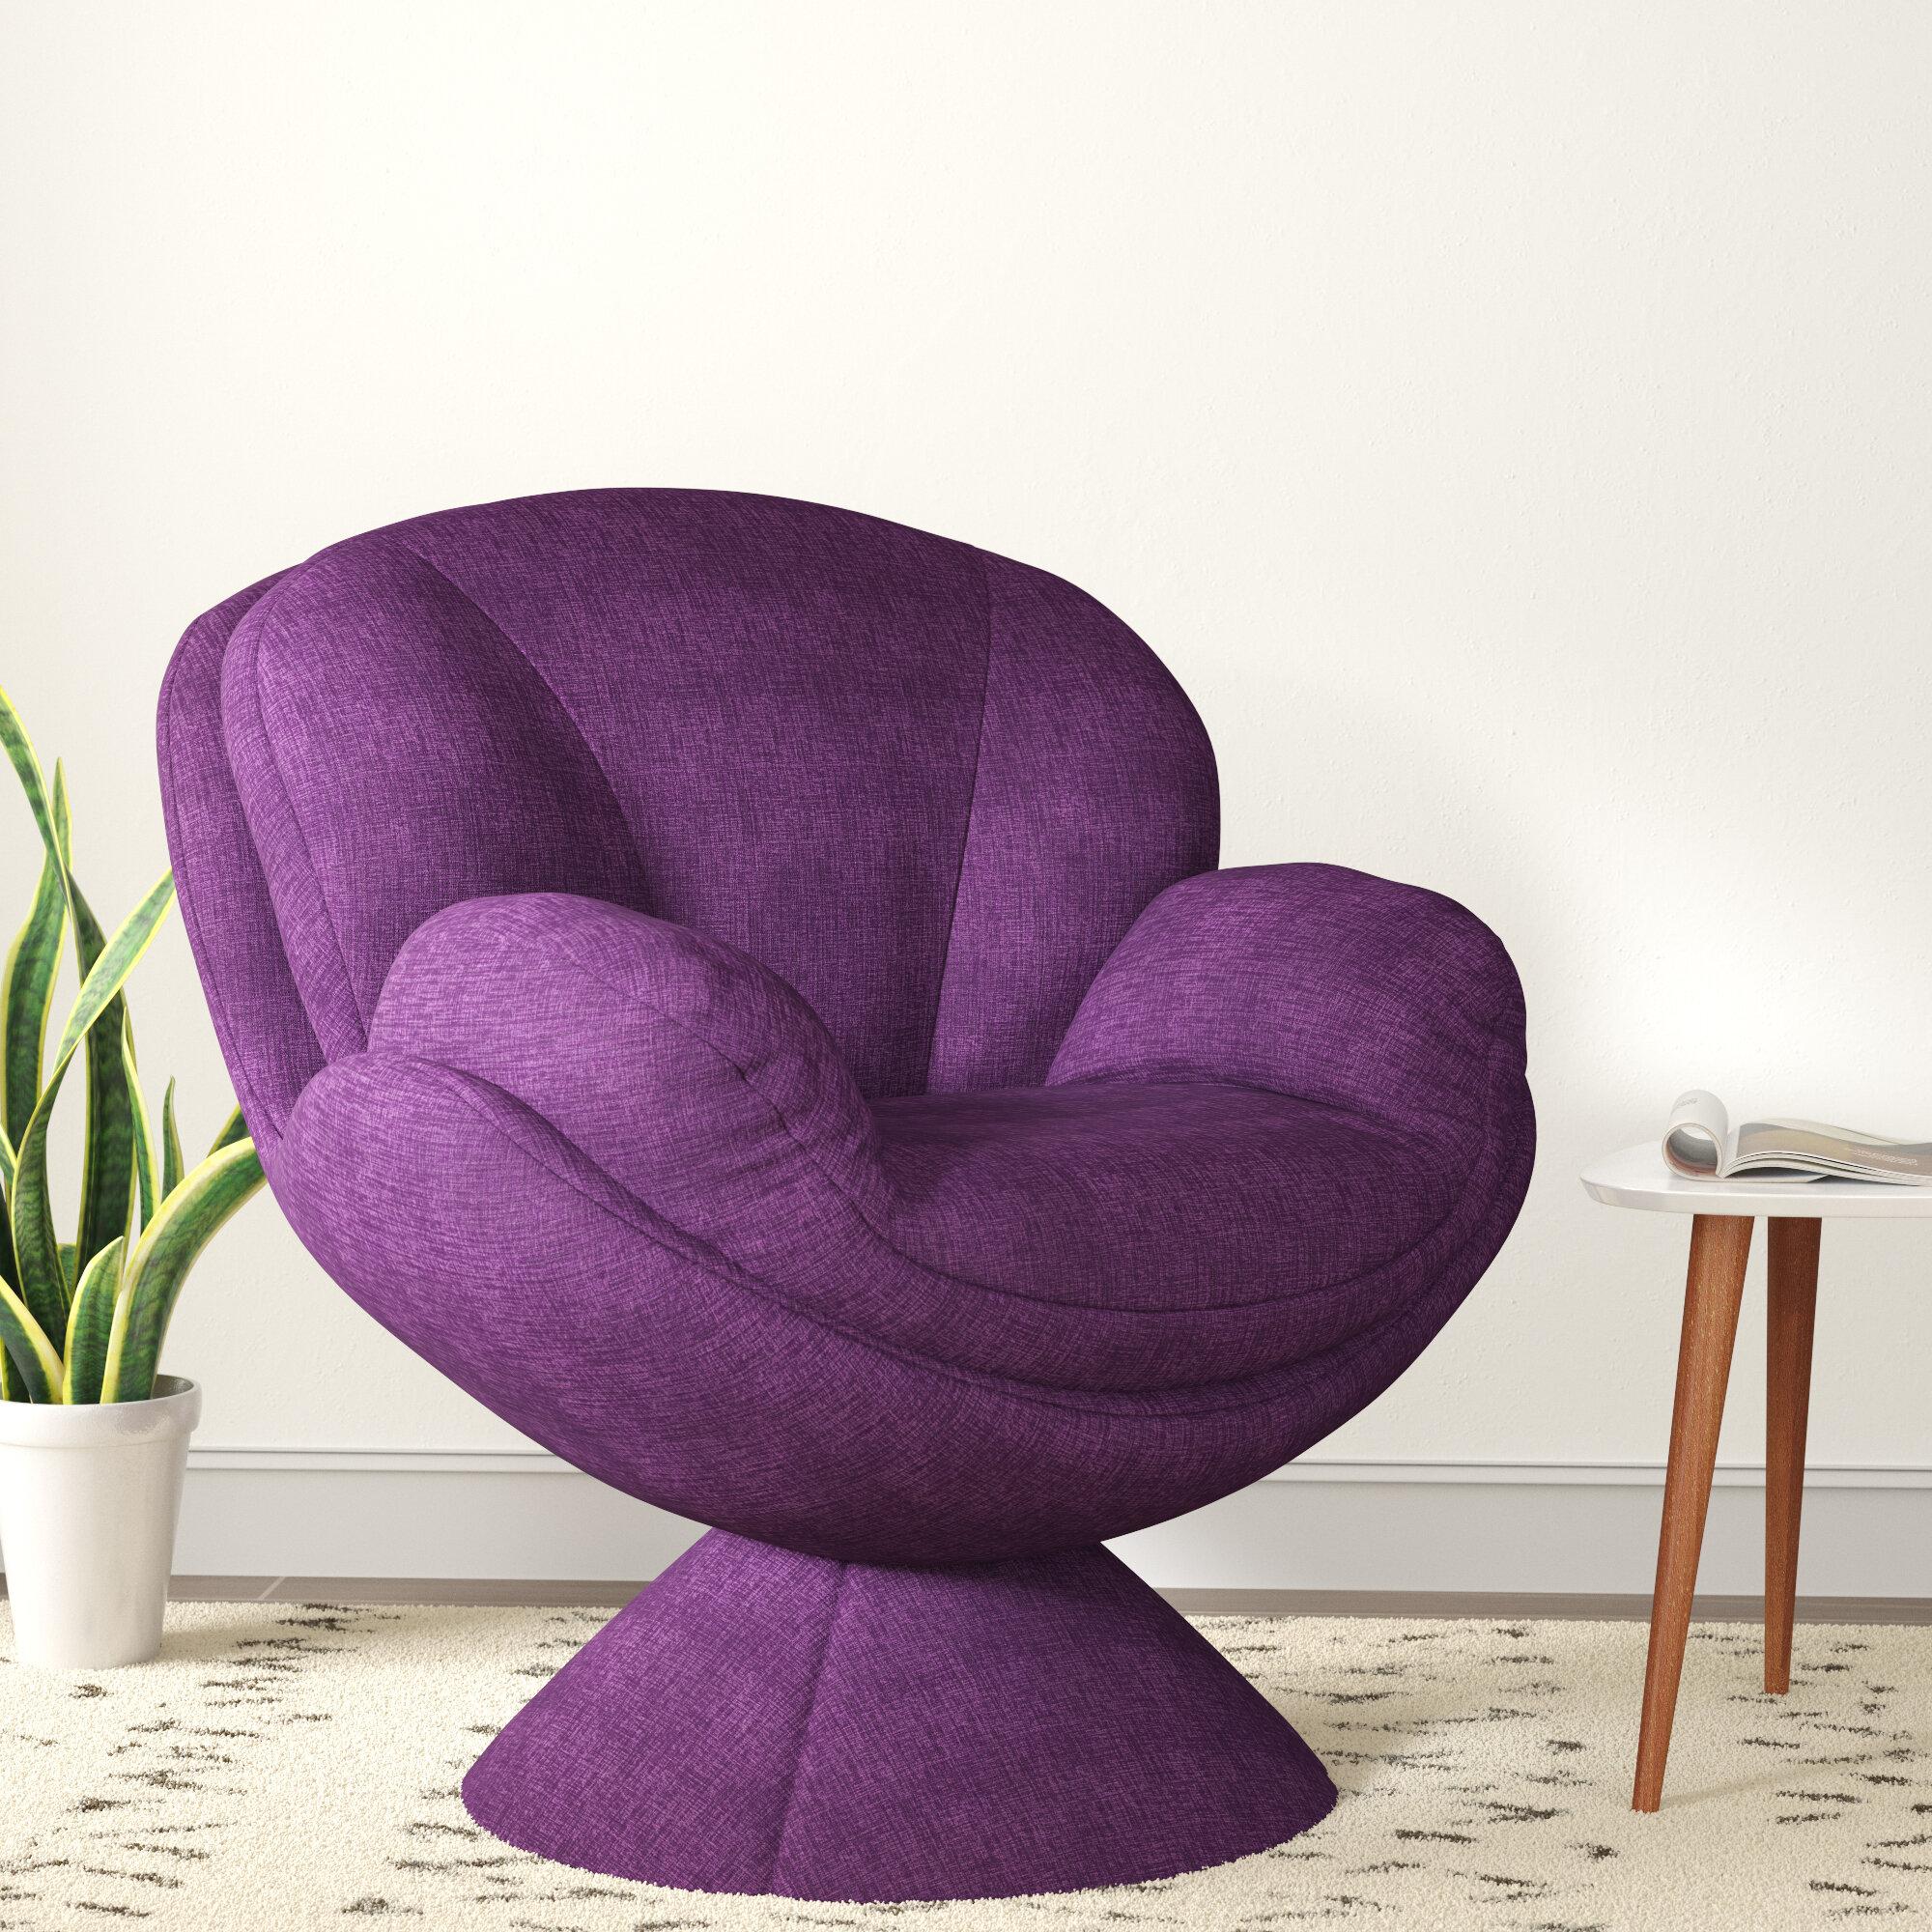 Trule Teen Boykin Swivel Lounge Chair U0026 Reviews | Wayfair